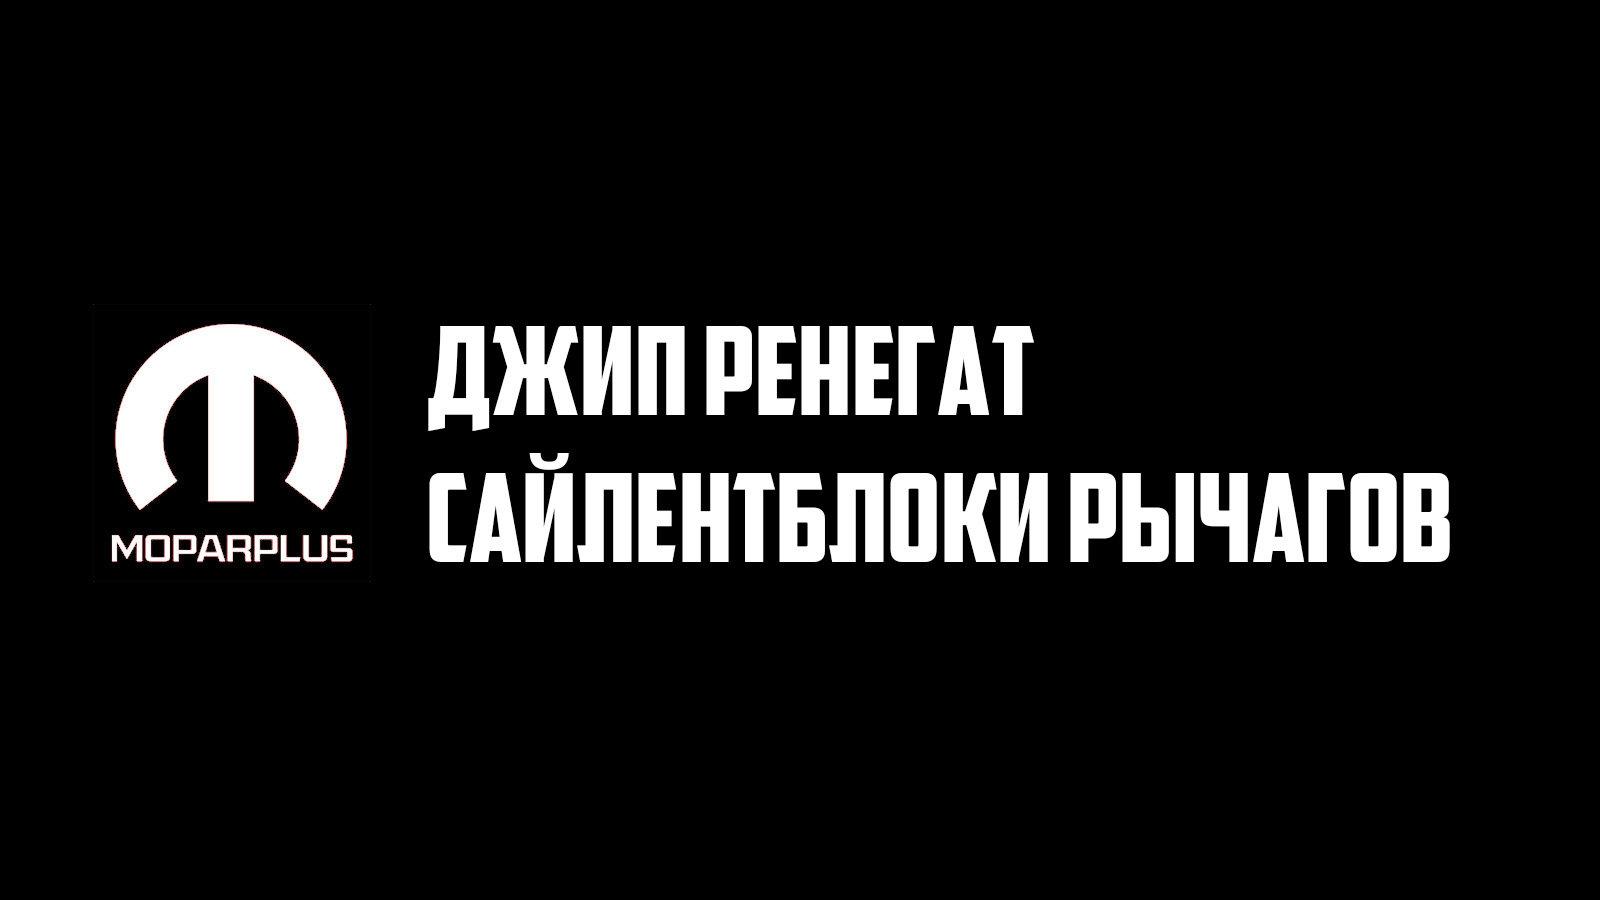 Сайлентблоки передних рычагов Джип Ренегат